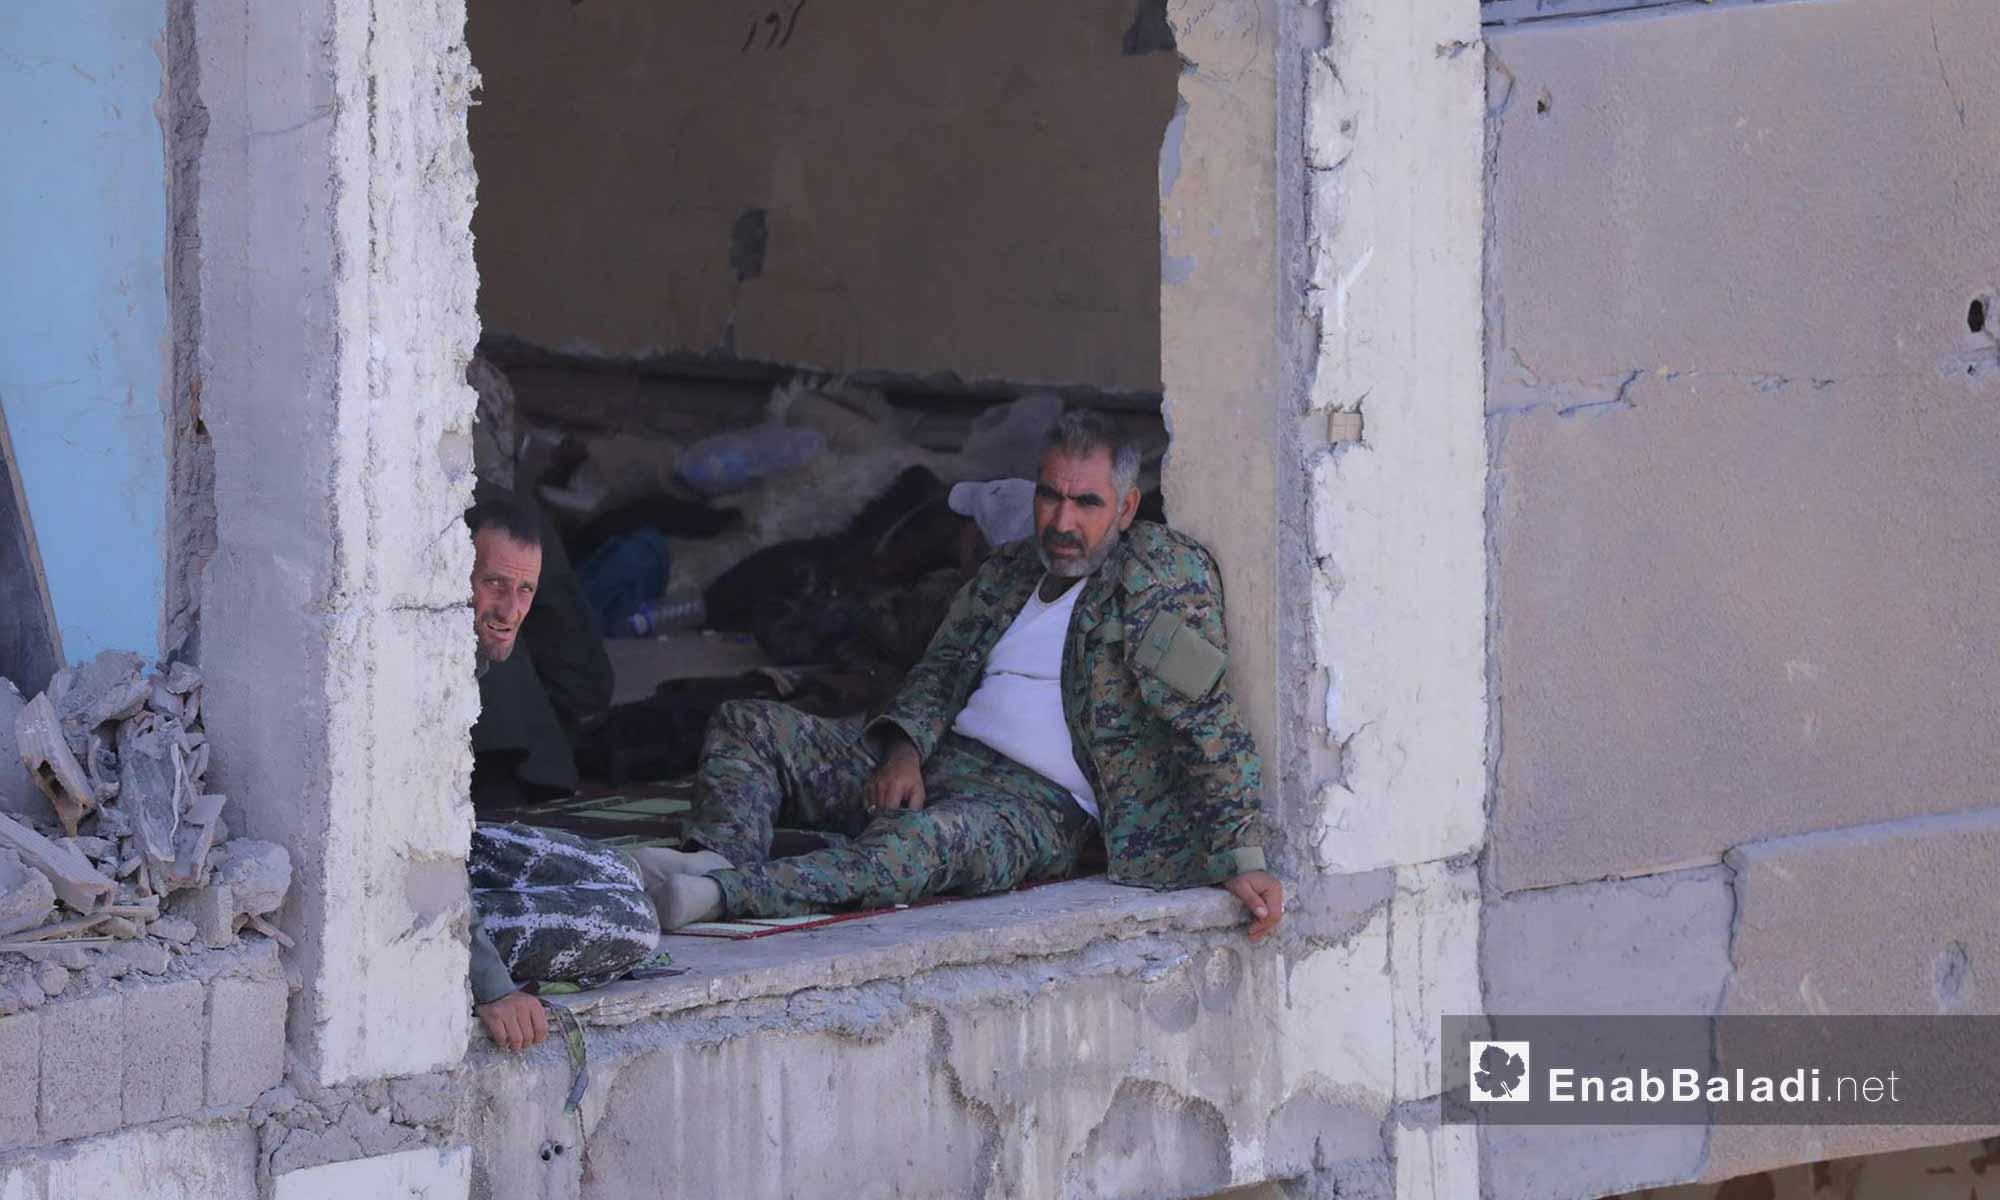 مقاتلون من قوات سوريا الديمقراطية داخل مدينة الرقة - 15 آب 2017 (عنب بلدي)